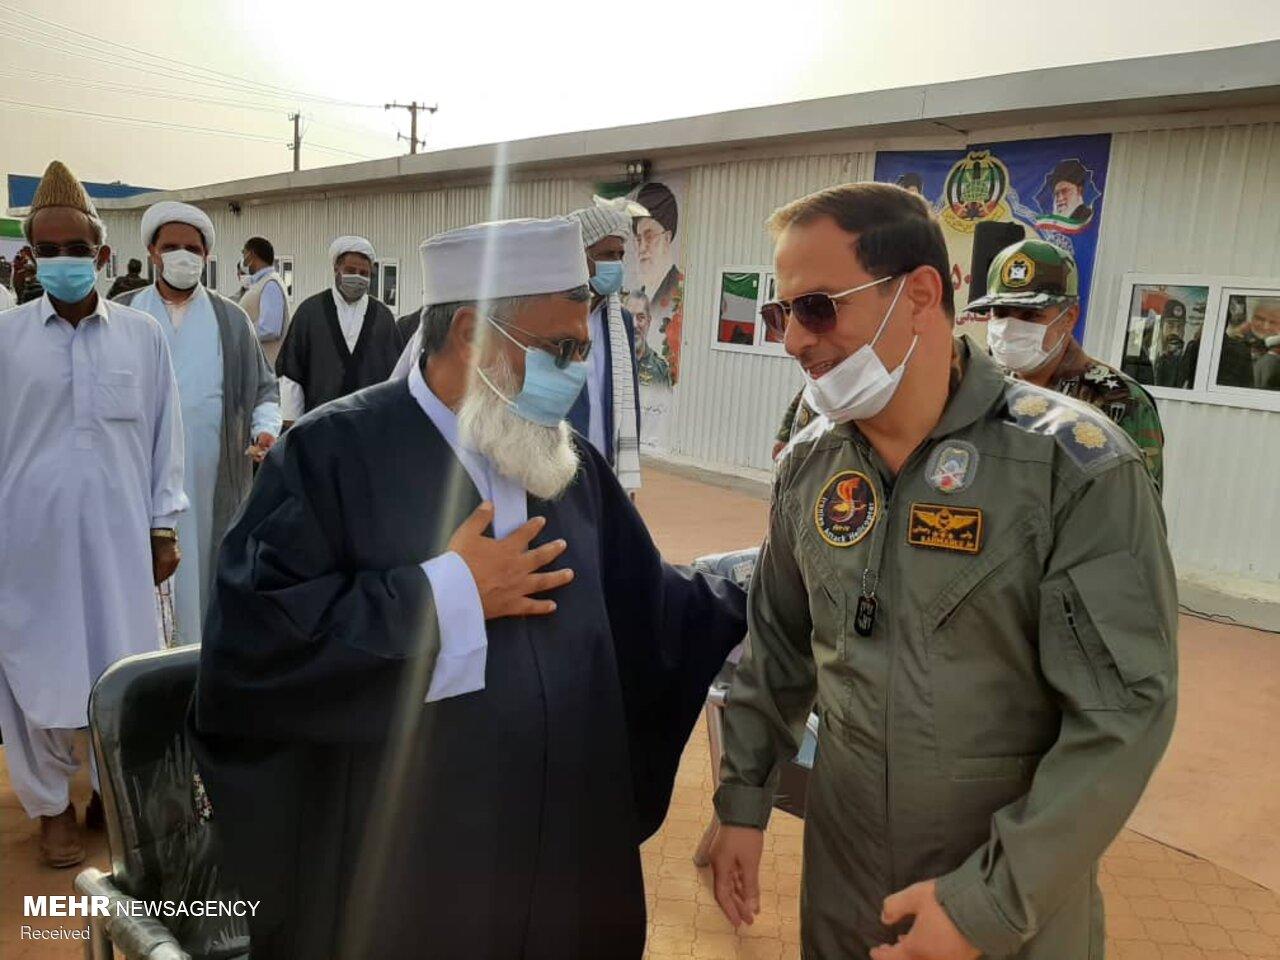 عکس/ افتتاح دومین بیمارستان تنفسی نیروی زمینی ارتش در خاش